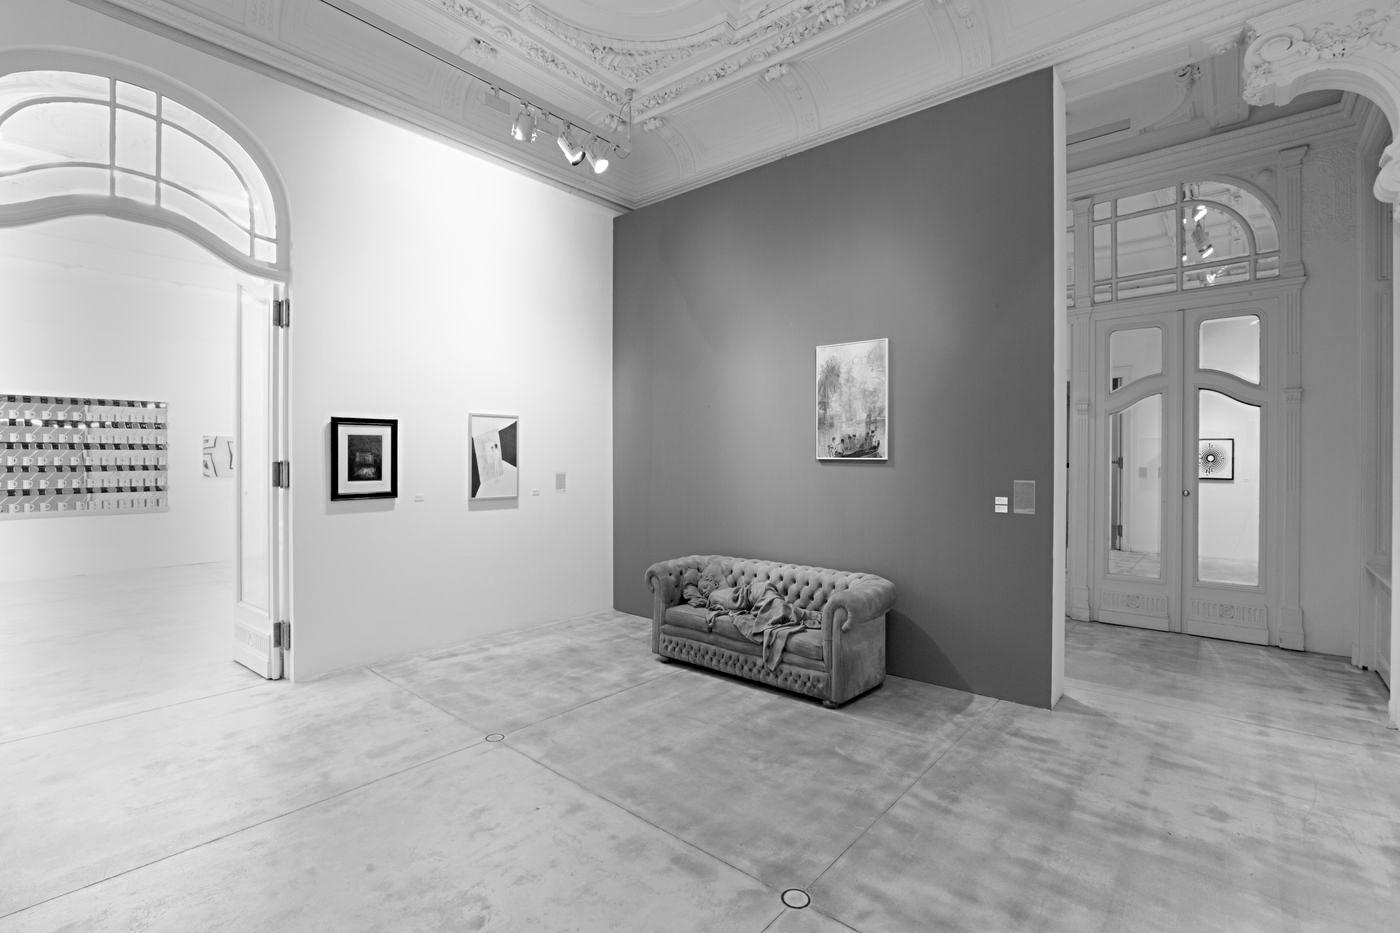 Galerie Krinzinger Wien Exhibition Icon.